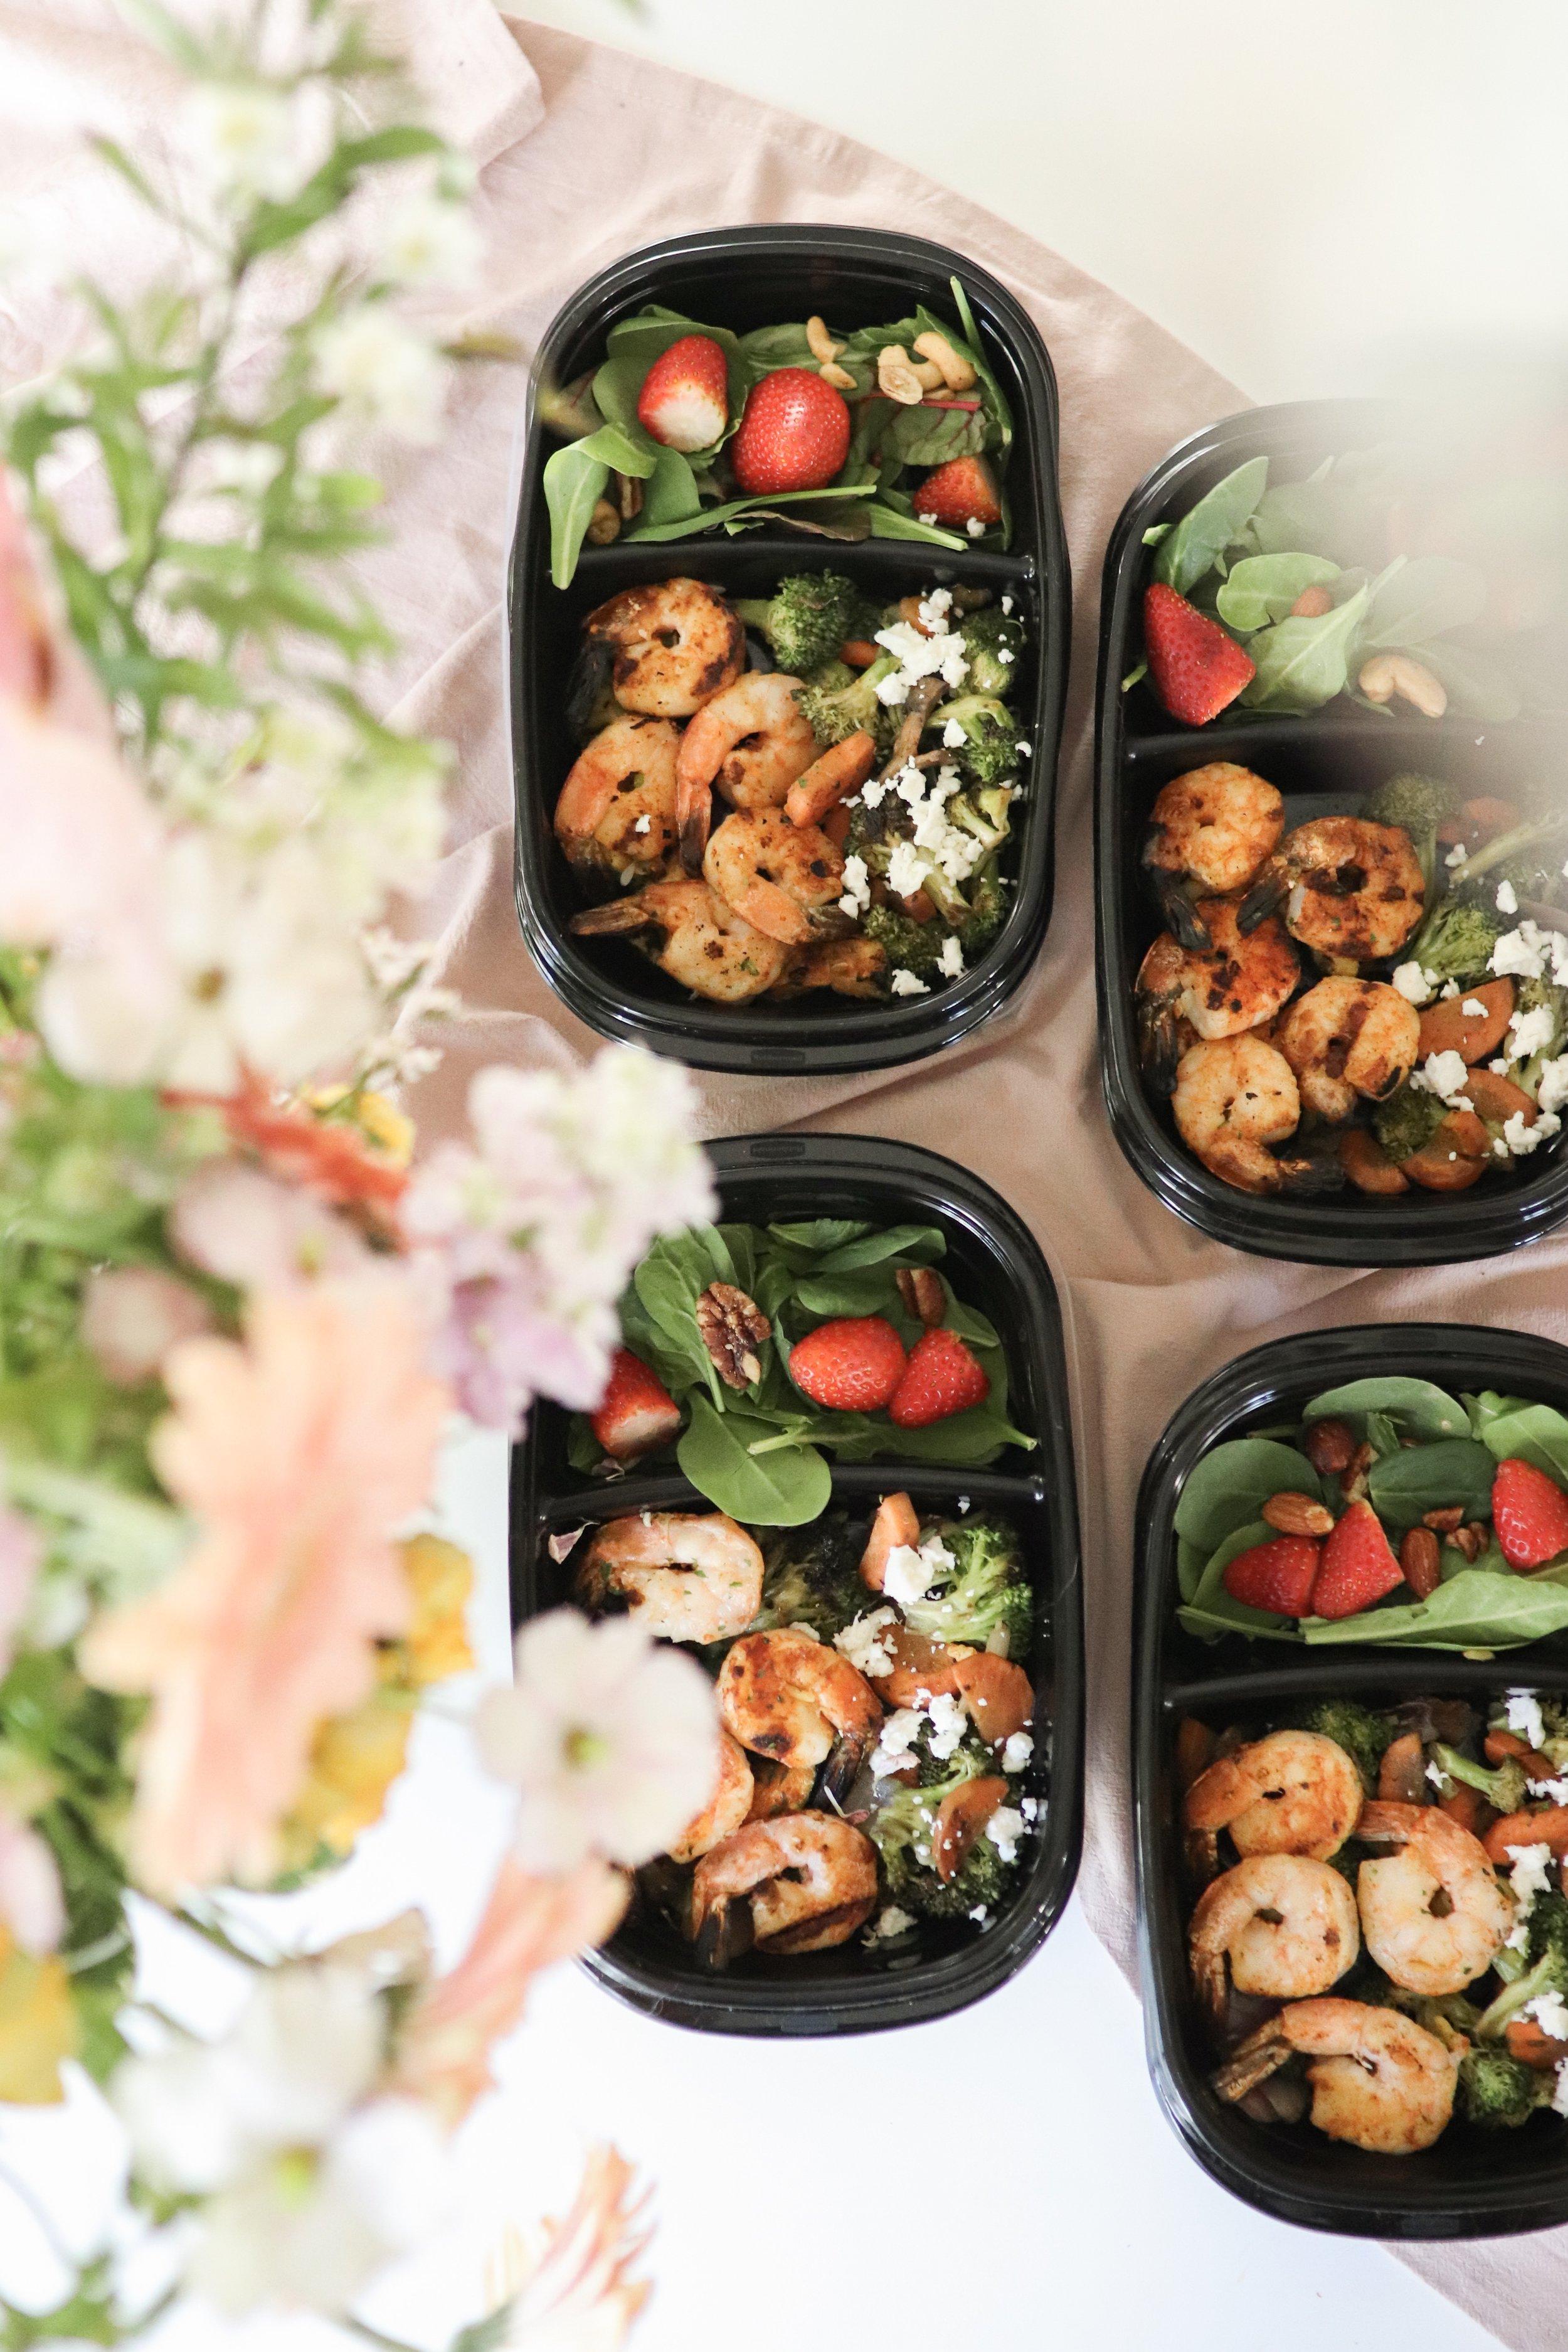 Joyfullygreen Rubbermaid Meal Prep Grilled Shrimp Clean Eating Recipe-01.jpg